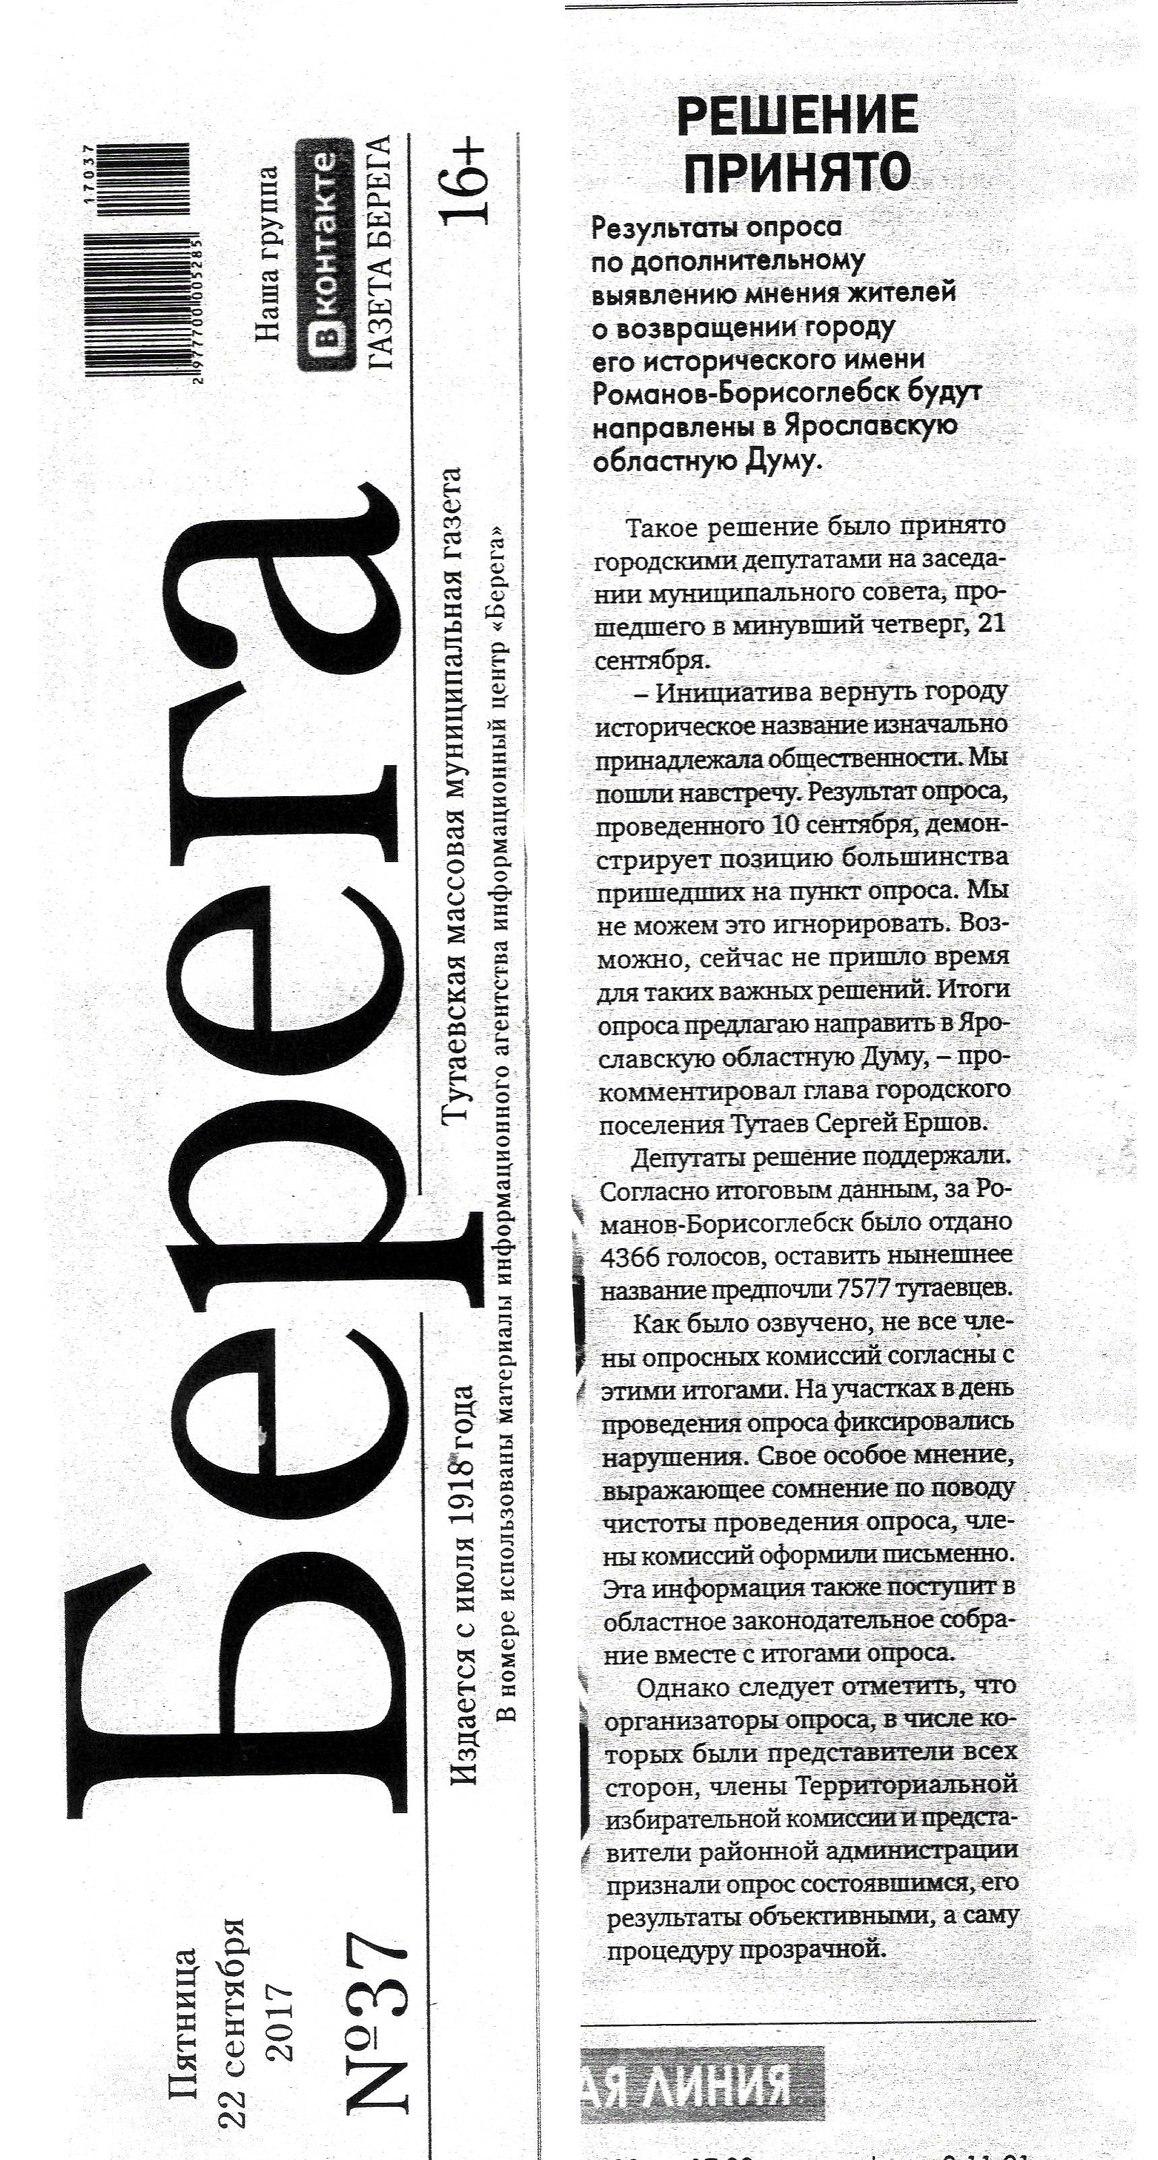 22.09.2017 17:38 Результаты Опроса будут отправлены в Ярославскую Облдуму